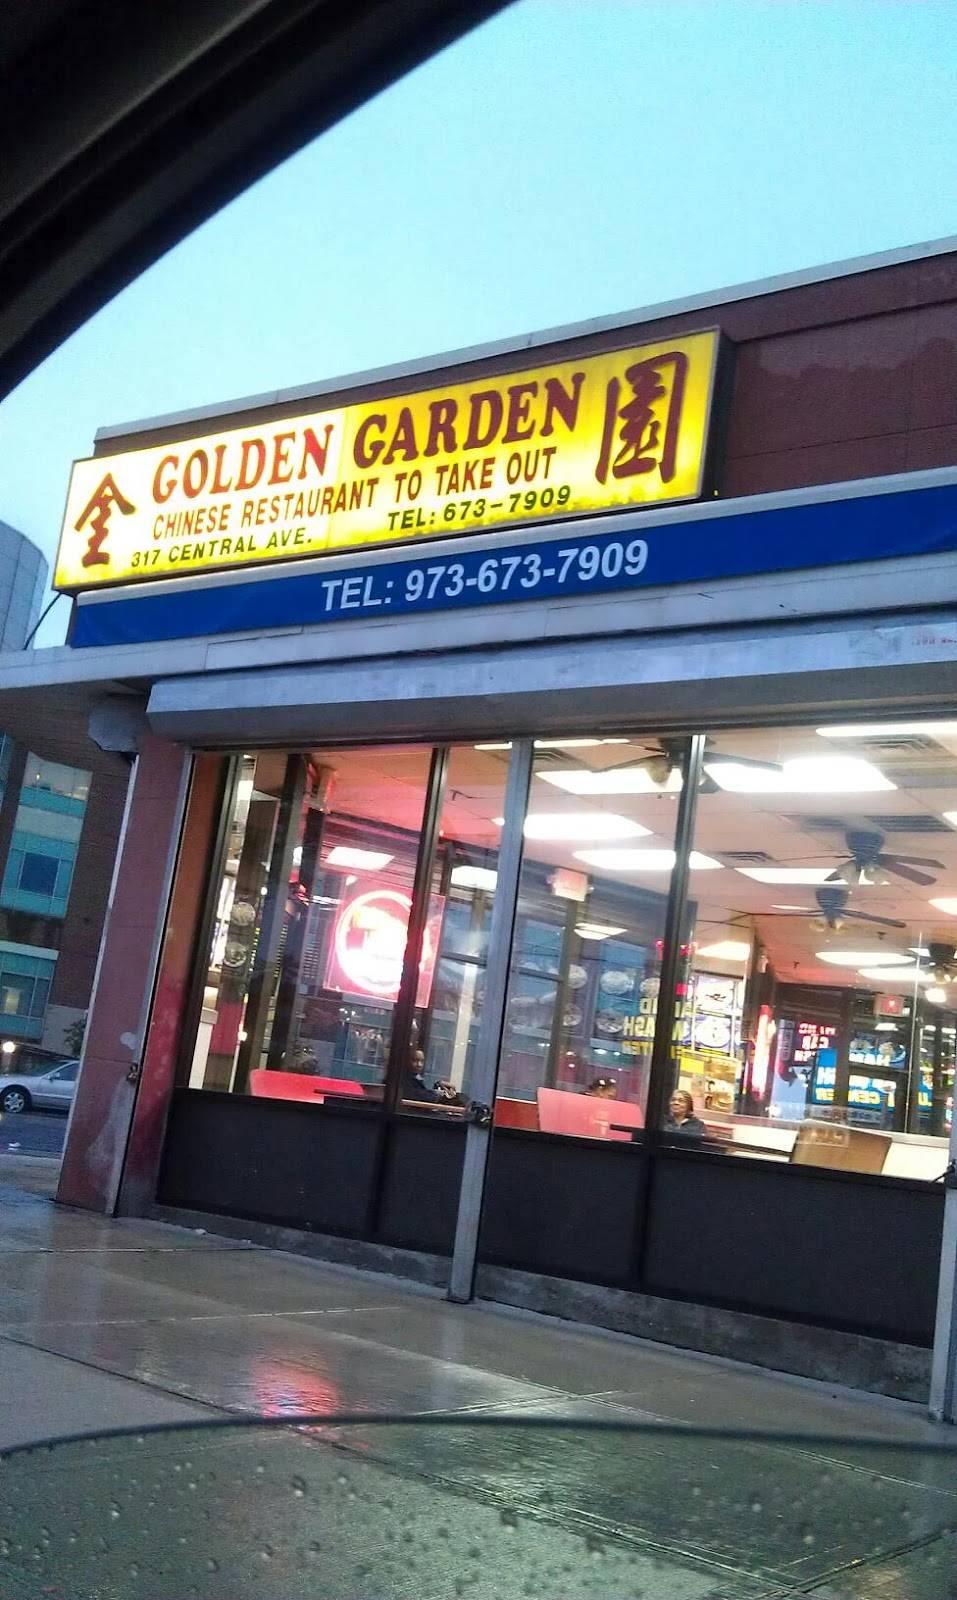 Golden Garden Restaurant 317 Central Ave East Orange Nj 07018 Usa